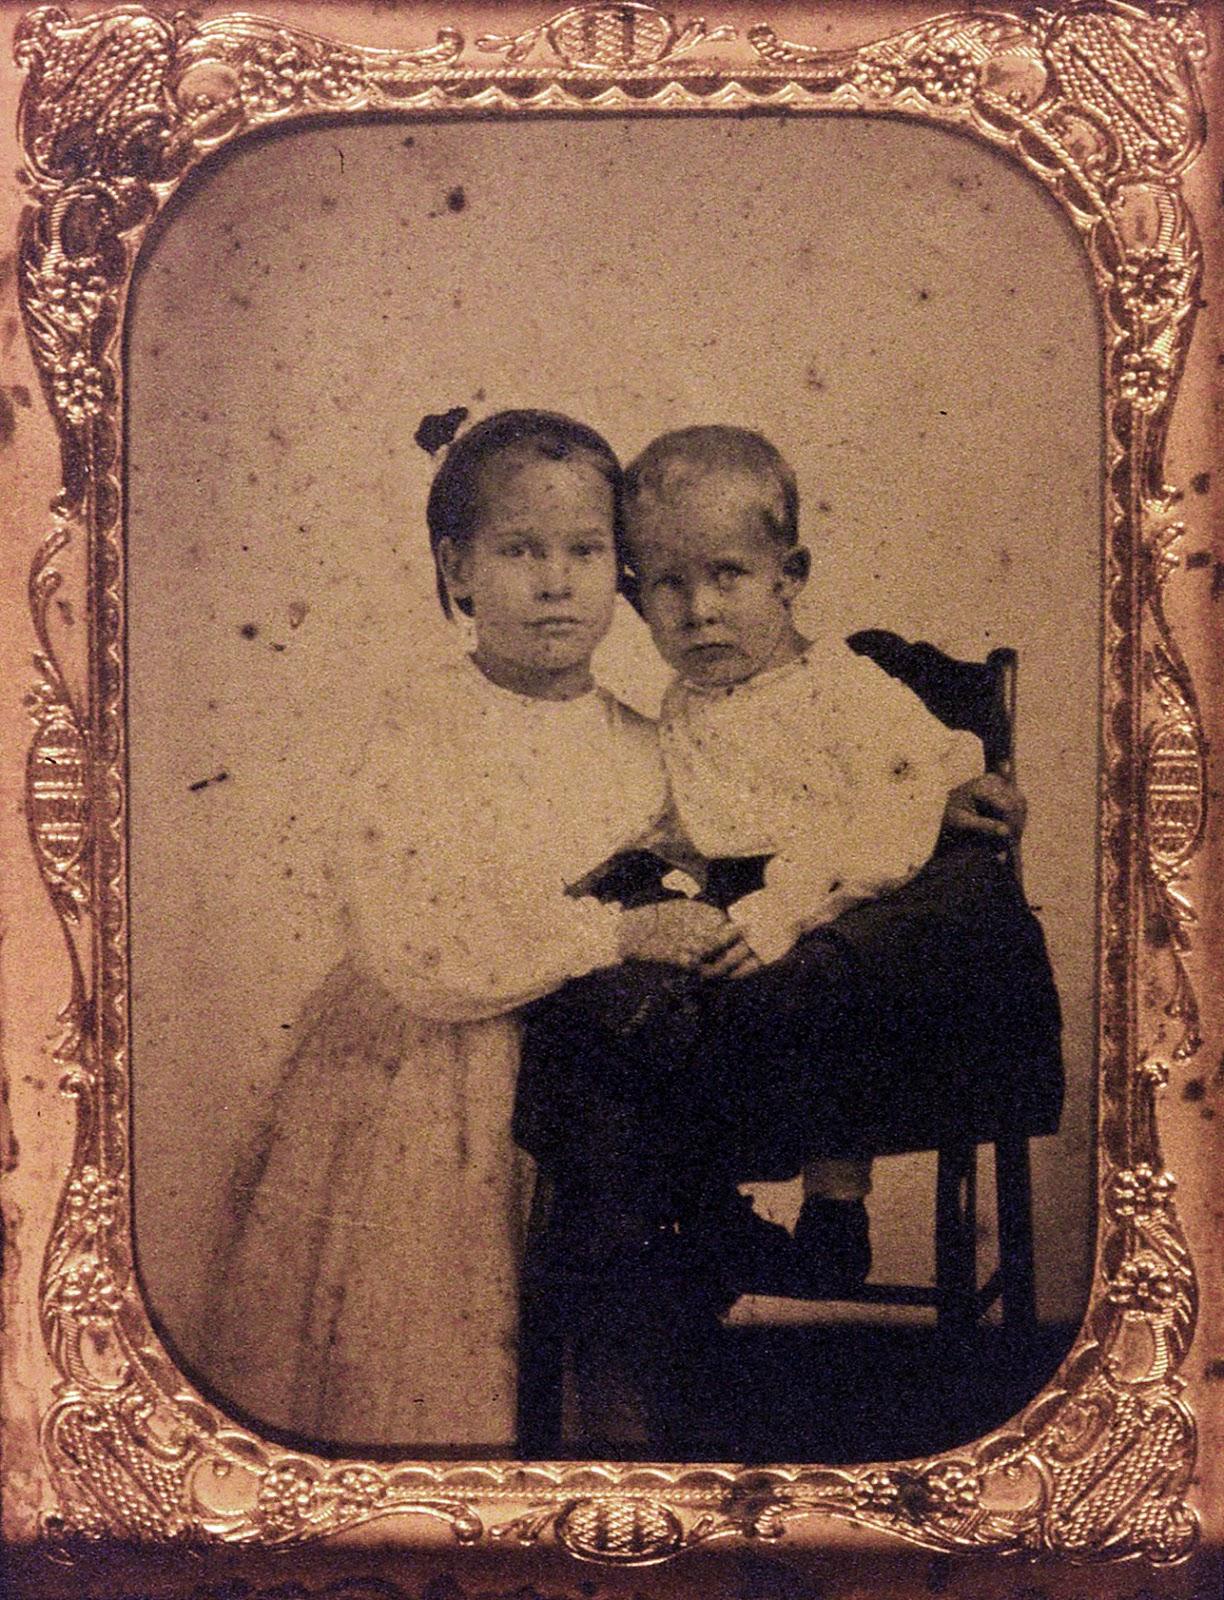 Belle Tisdale, Frank Tisdale, belletisdale.blogspot.com